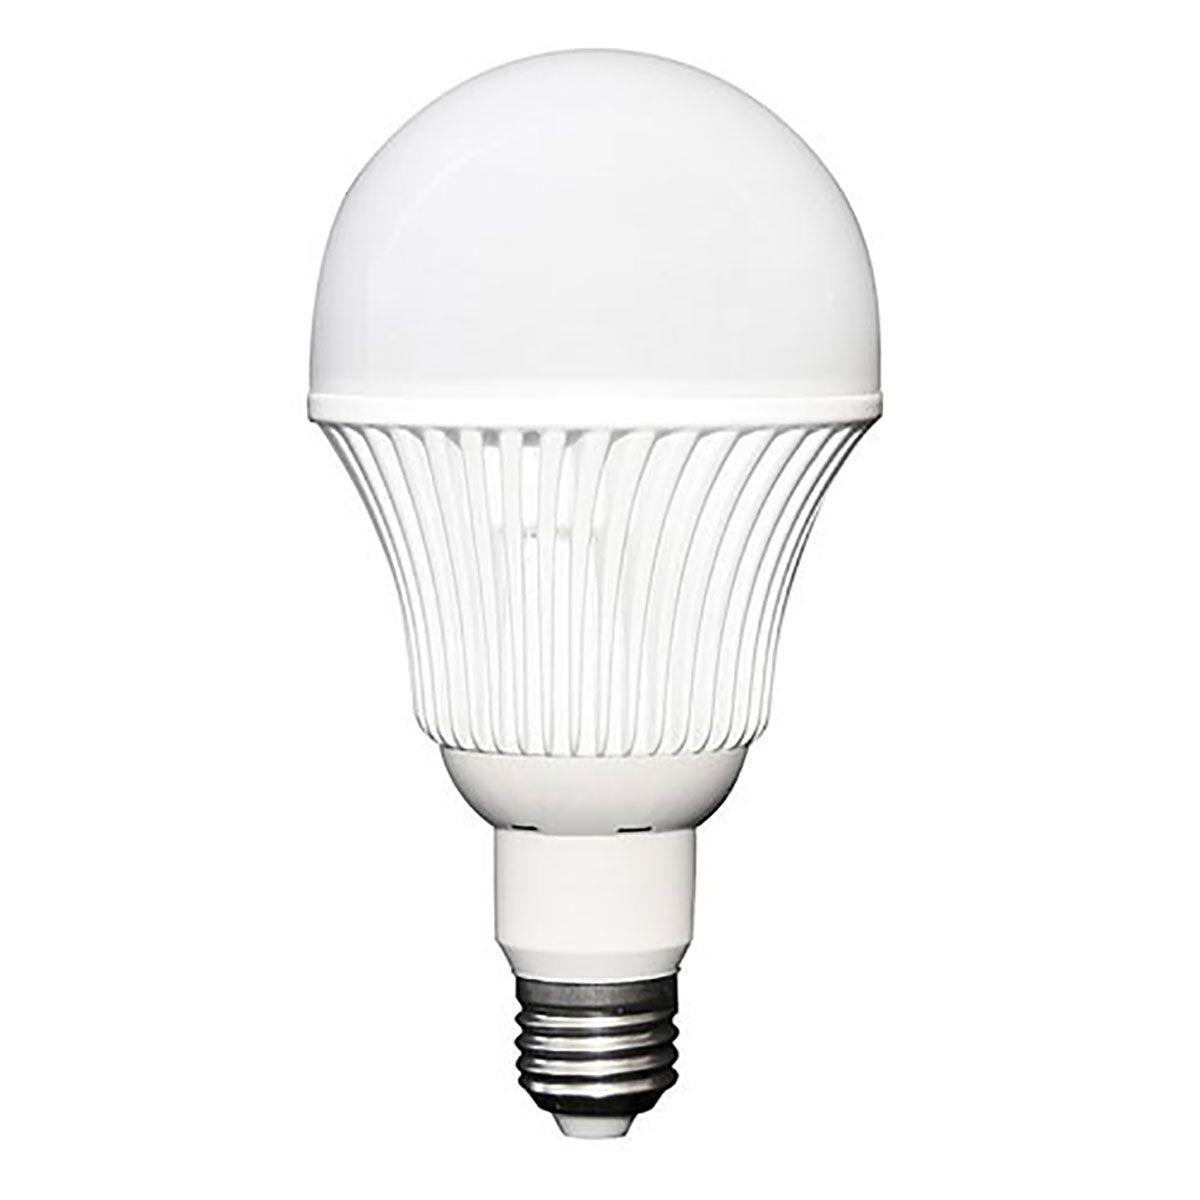 ampoule 11 5w steca led 12. Black Bedroom Furniture Sets. Home Design Ideas